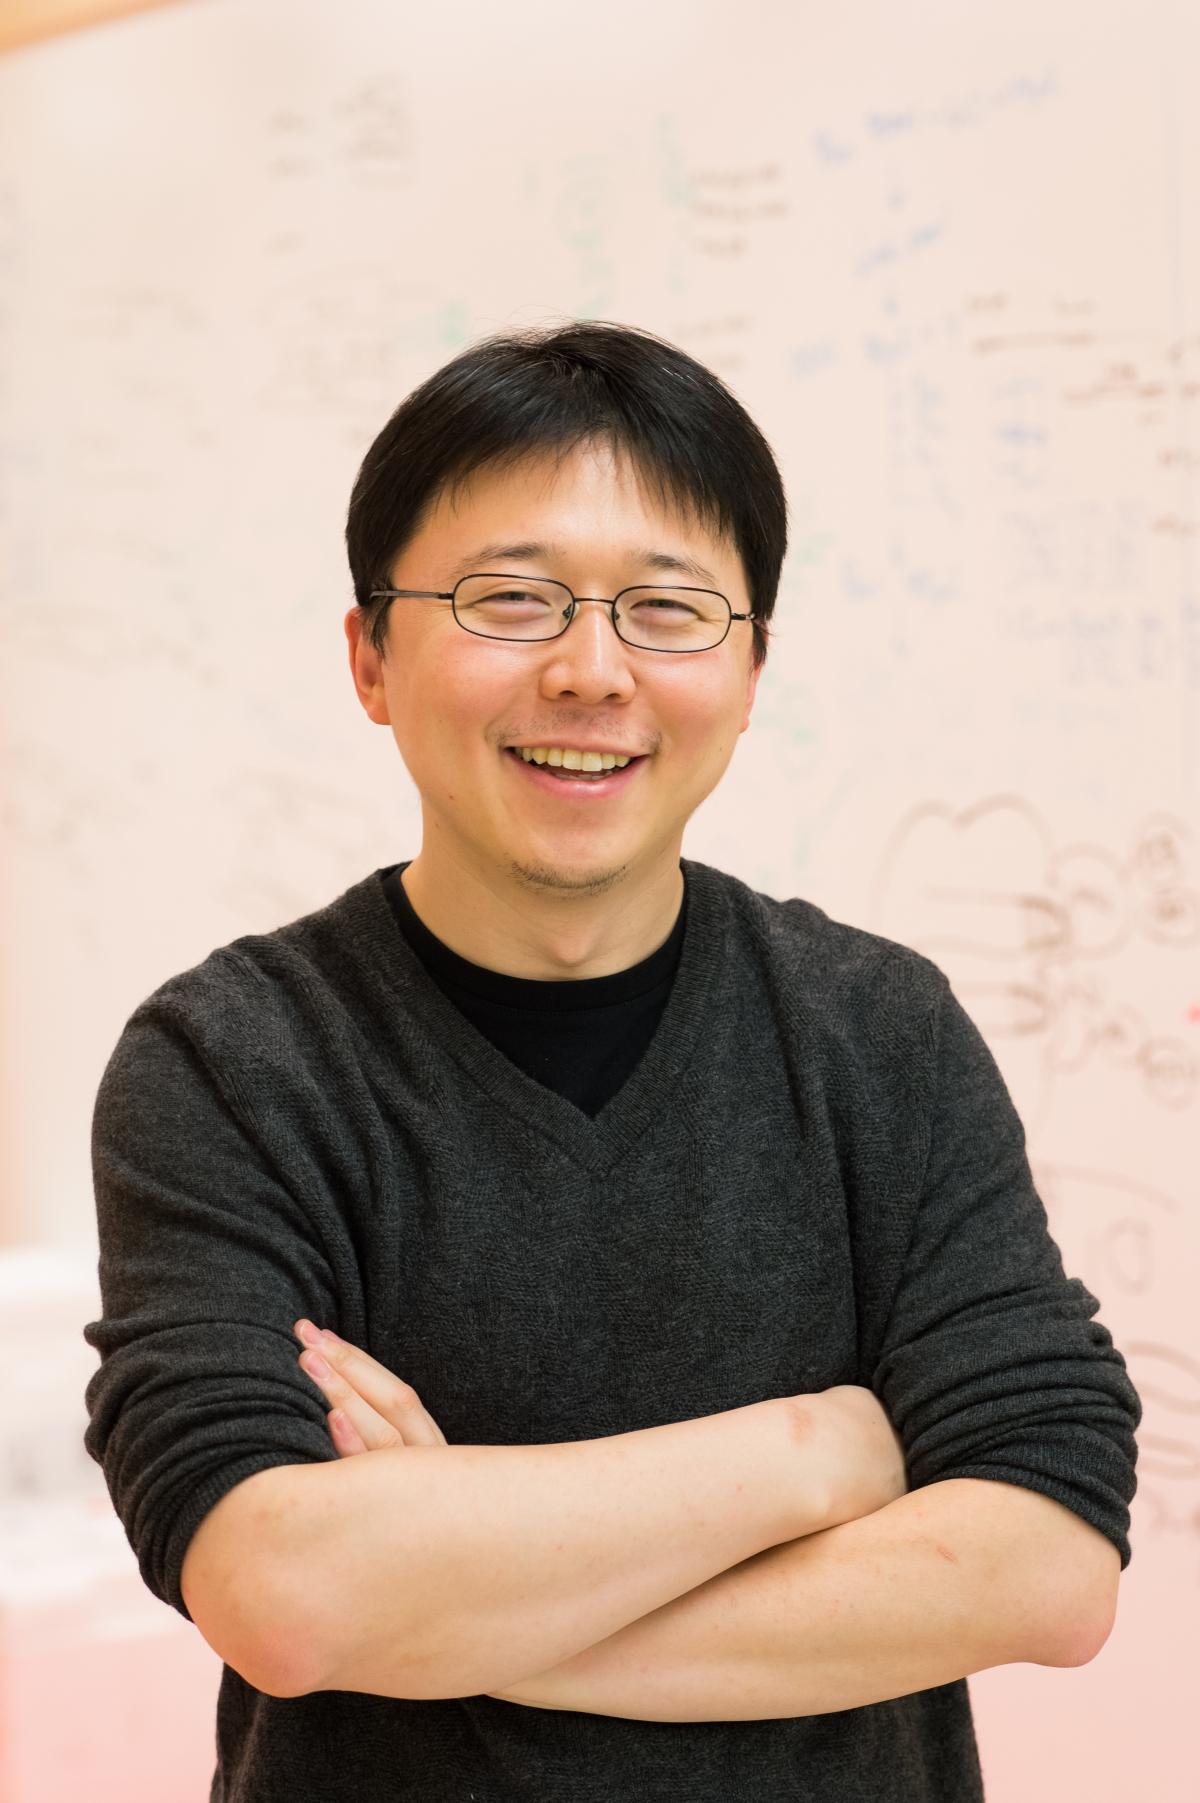 遺伝子編集ベビー誕生:「即時停止を」CRISPR共同開発者が声明